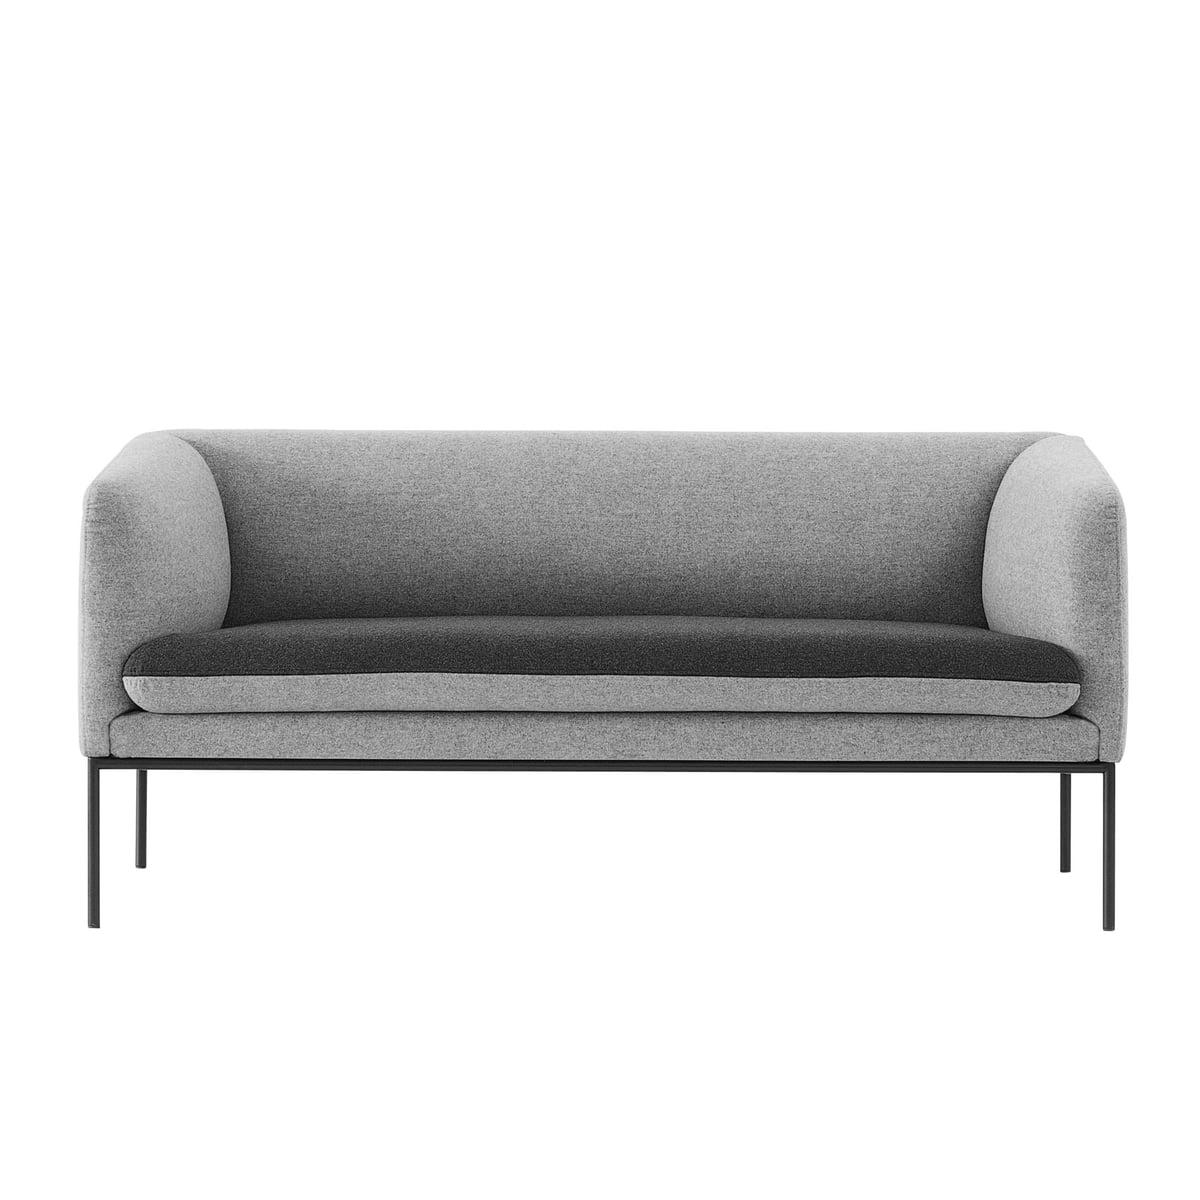 Full Size of Turn Sofa 2 Sitzer Von Ferm Living Connox Bezug Ecksofa Leder Langes Stilecht Kolonialstil Blau Ikea Mit Schlaffunktion Elektrischer Sitztiefenverstellung Gelb Sofa 2er Sofa